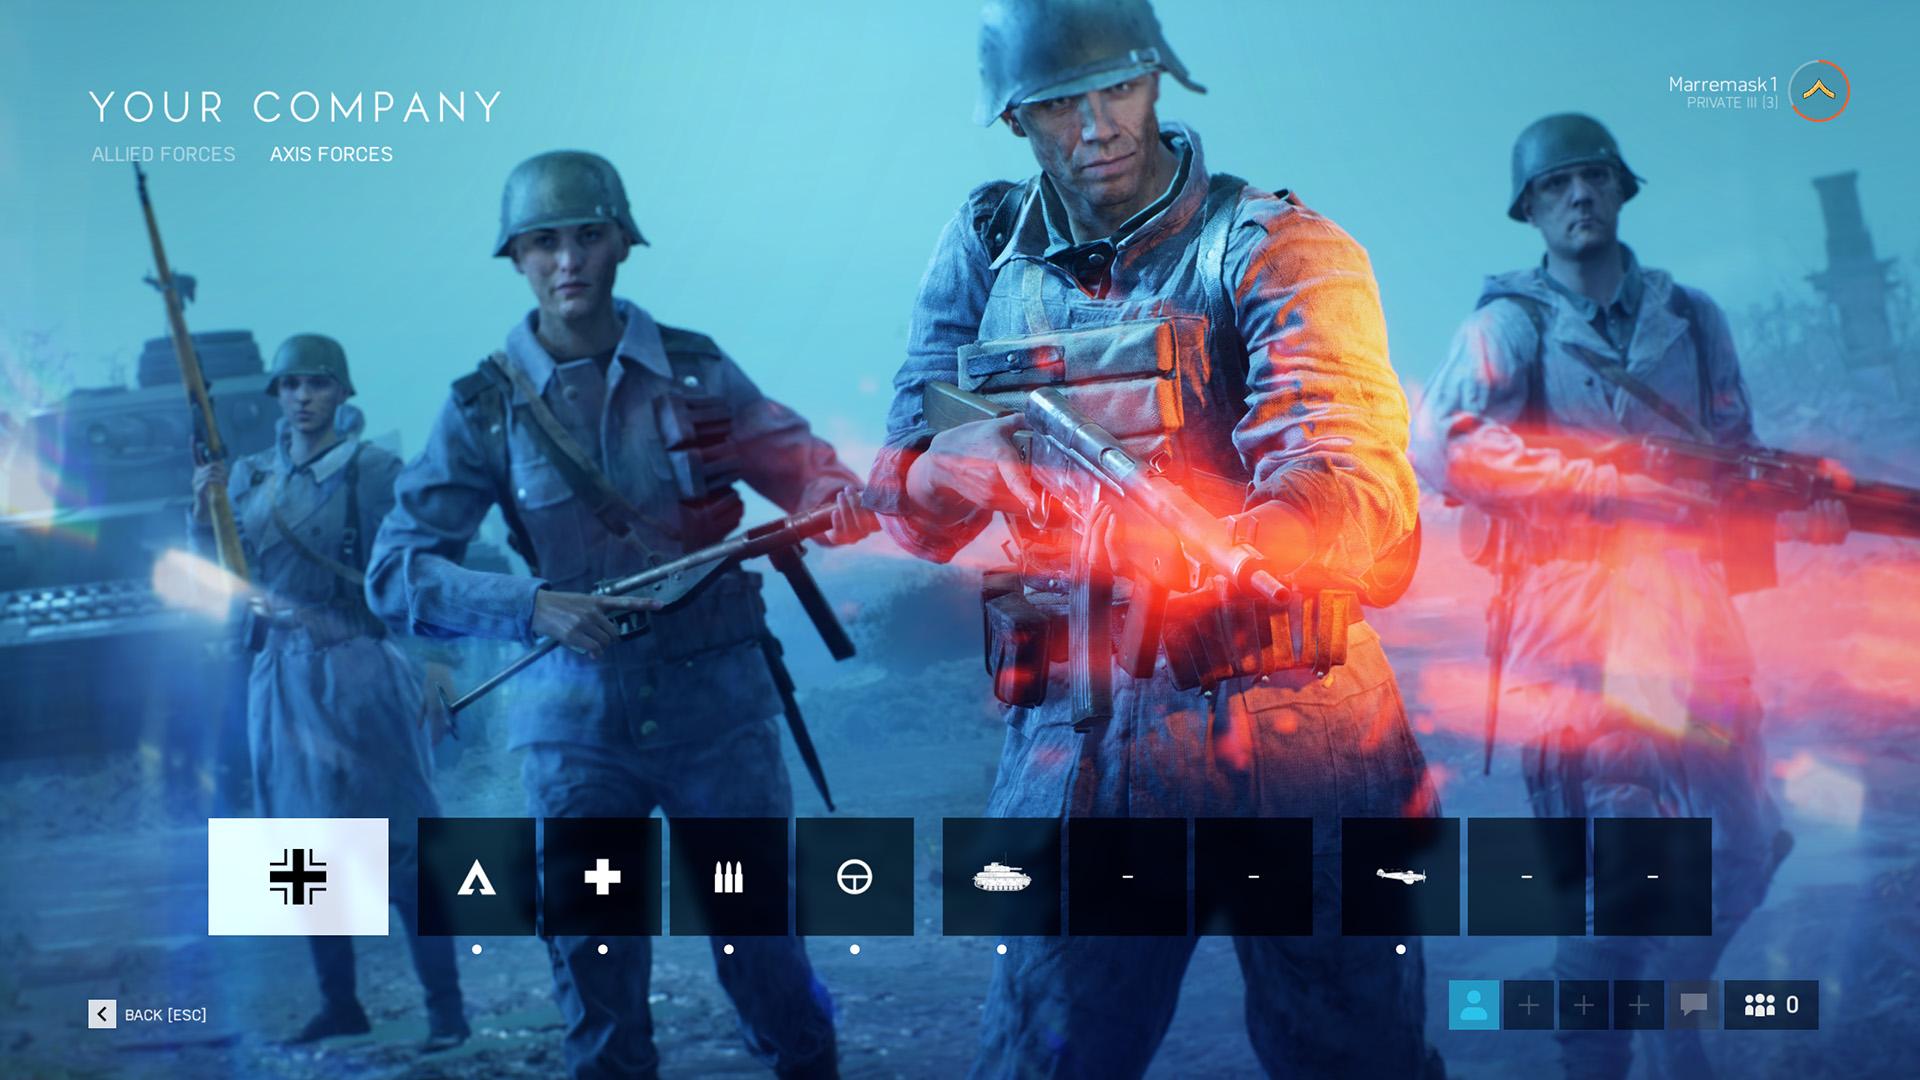 Battlefield V Screenshot 2018_0029_Battlefield V Screenshot 2018.11.11 - 20.31.07.97.jpg